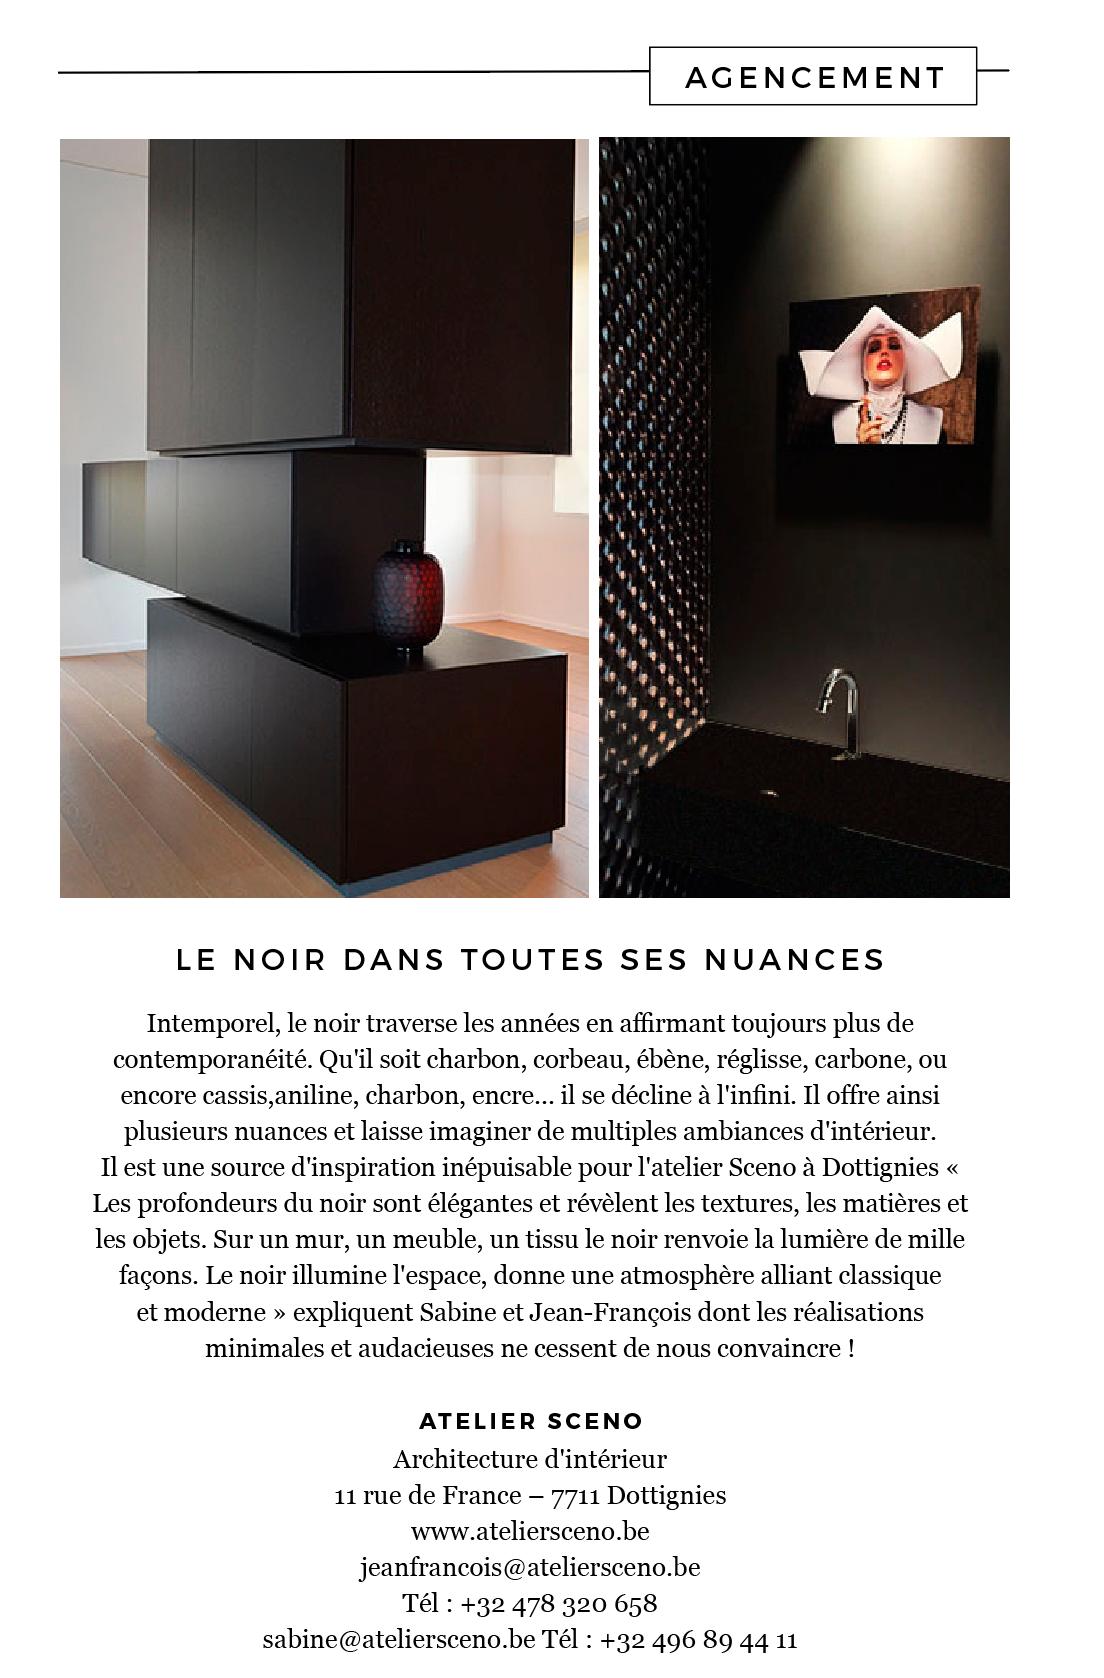 Architecture D Intérieur Saint Luc architecte d'intérieur et designer d'espaces | atelier sceno